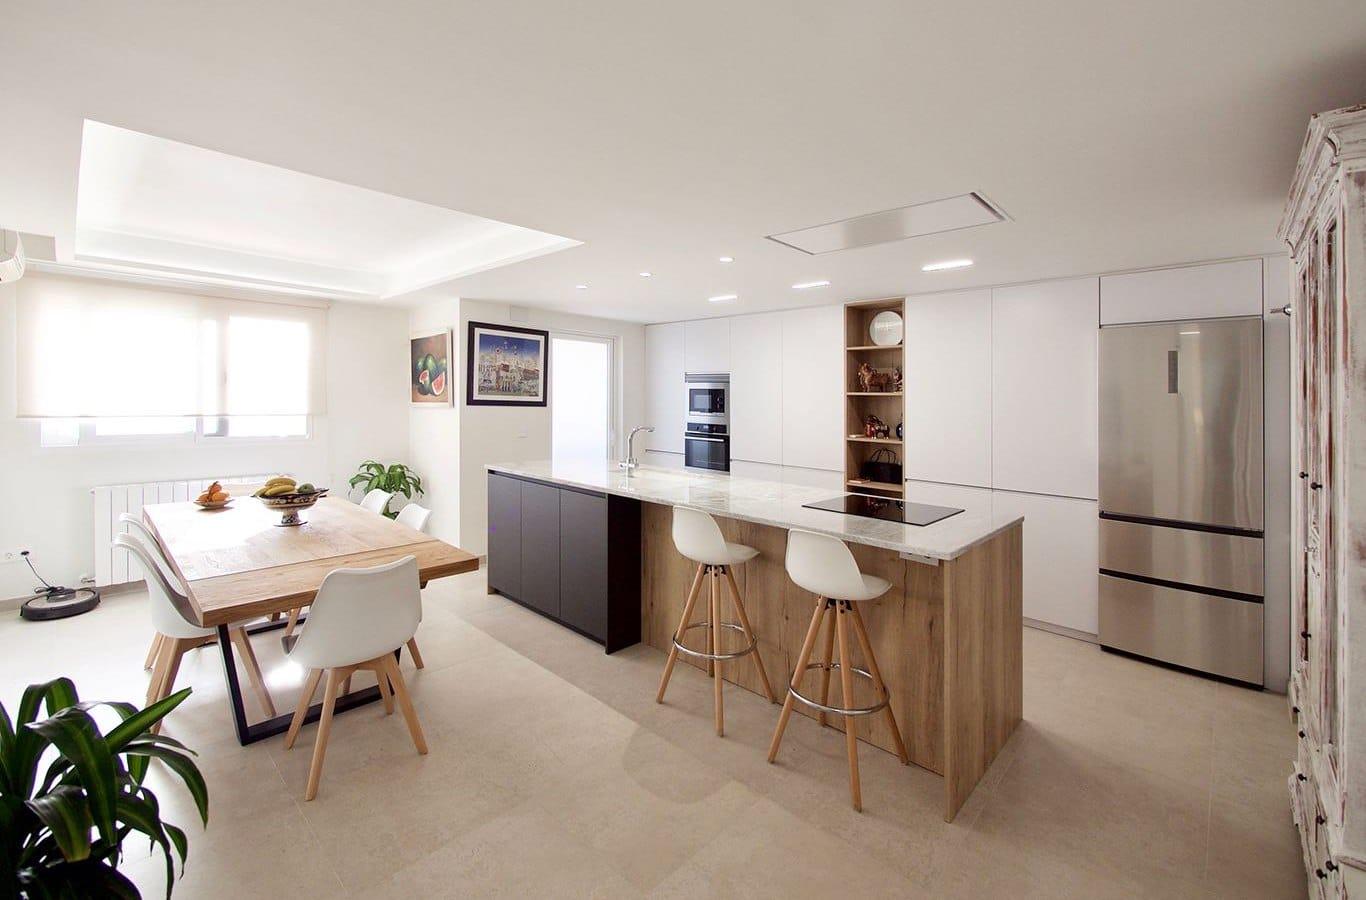 cocina blanca de estilo moderno con distribucion en isla